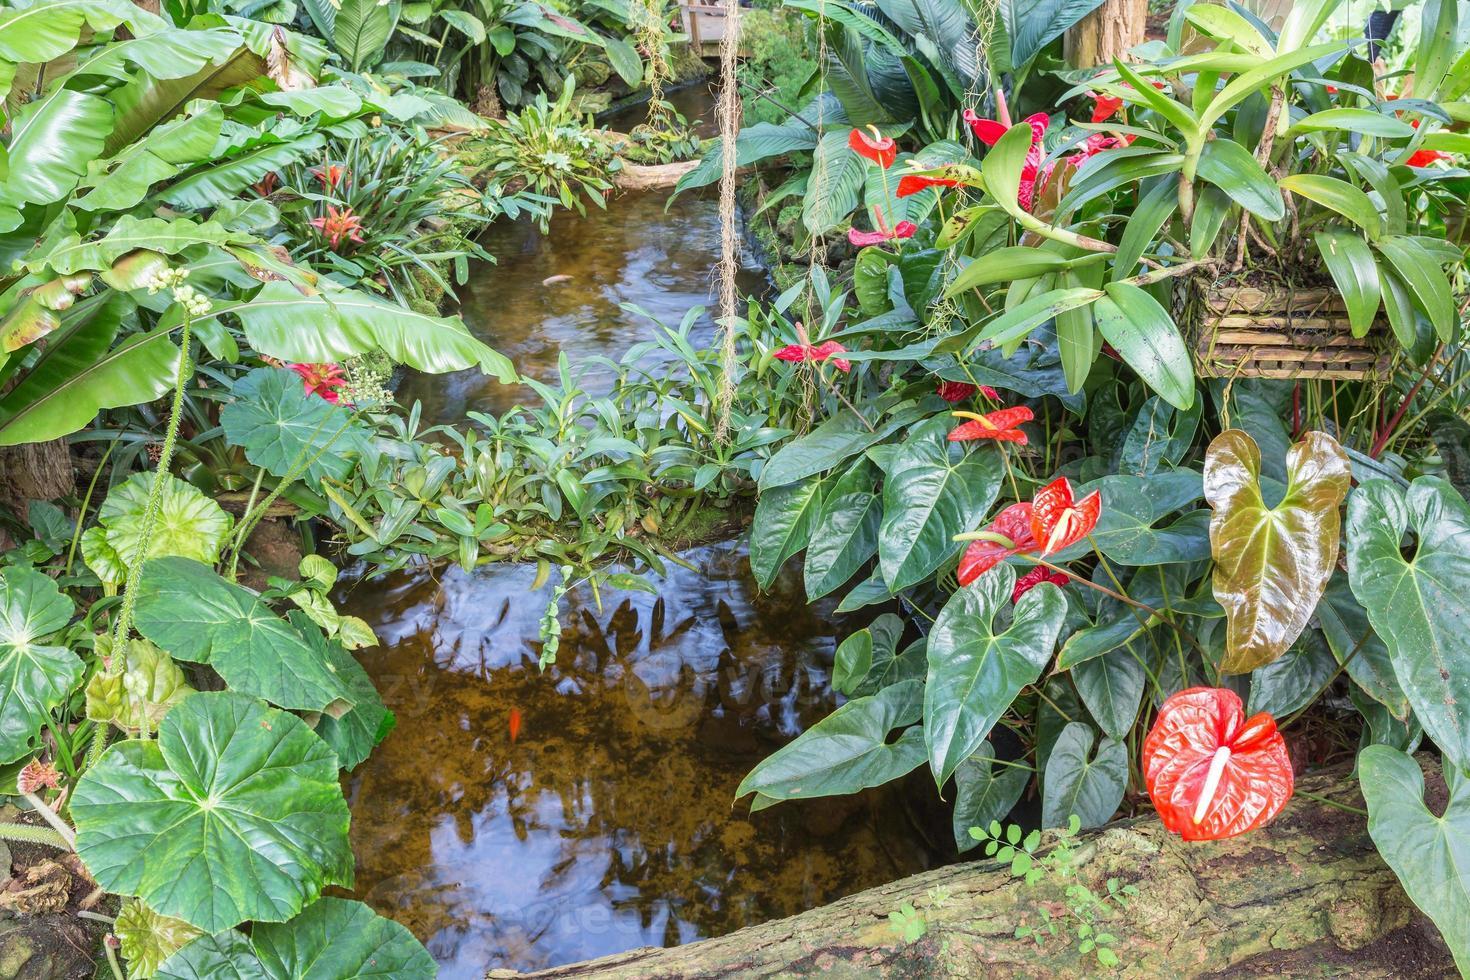 botanische tuin met kleine kreek en flamingobloemen foto